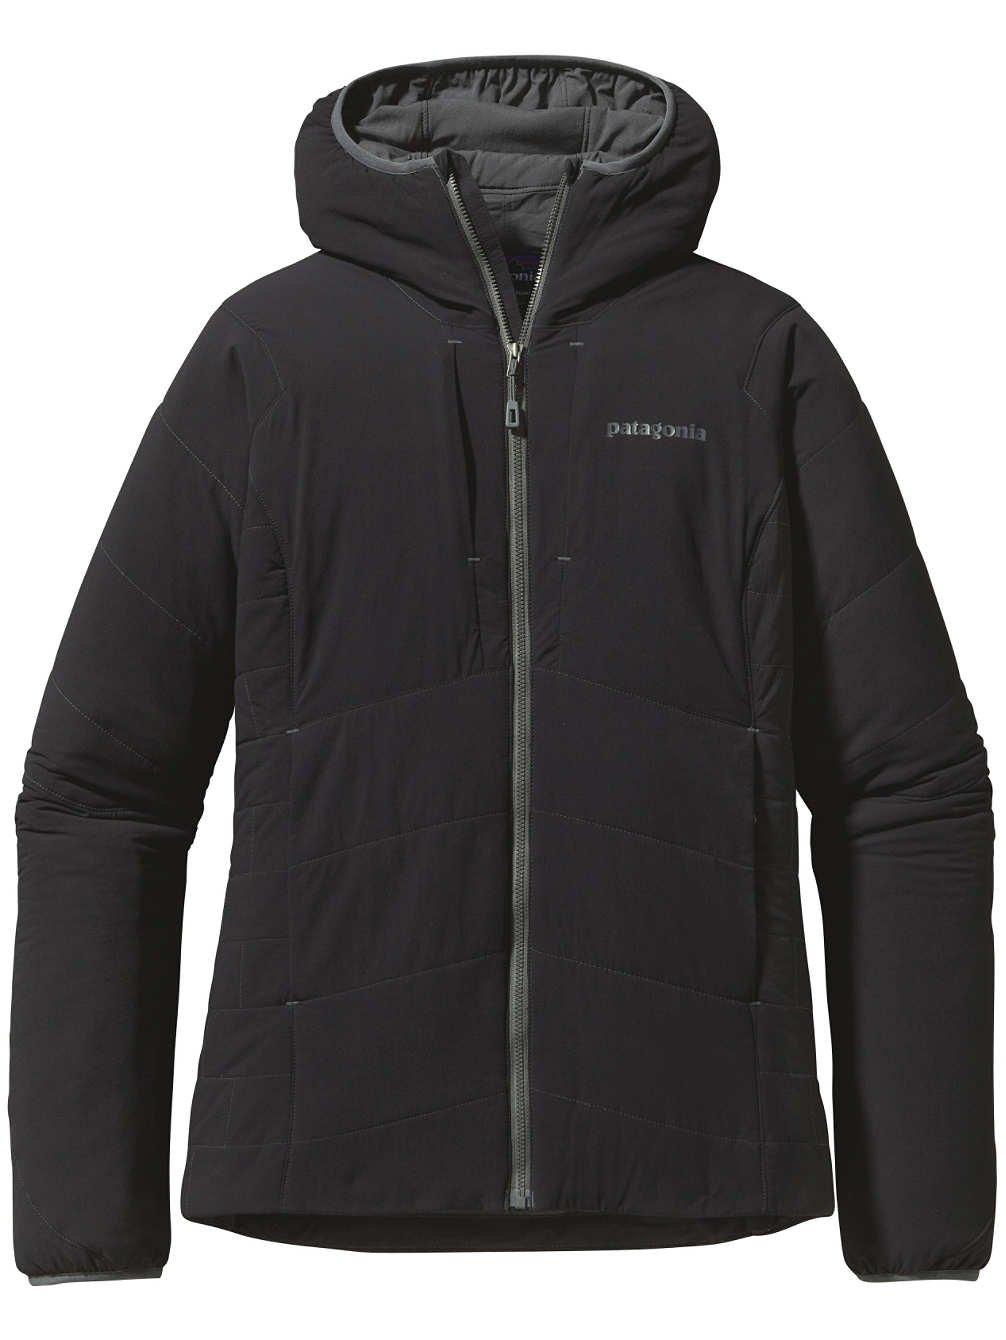 Patagonia Nano Air Hoody Jacket damen - Thermojacke